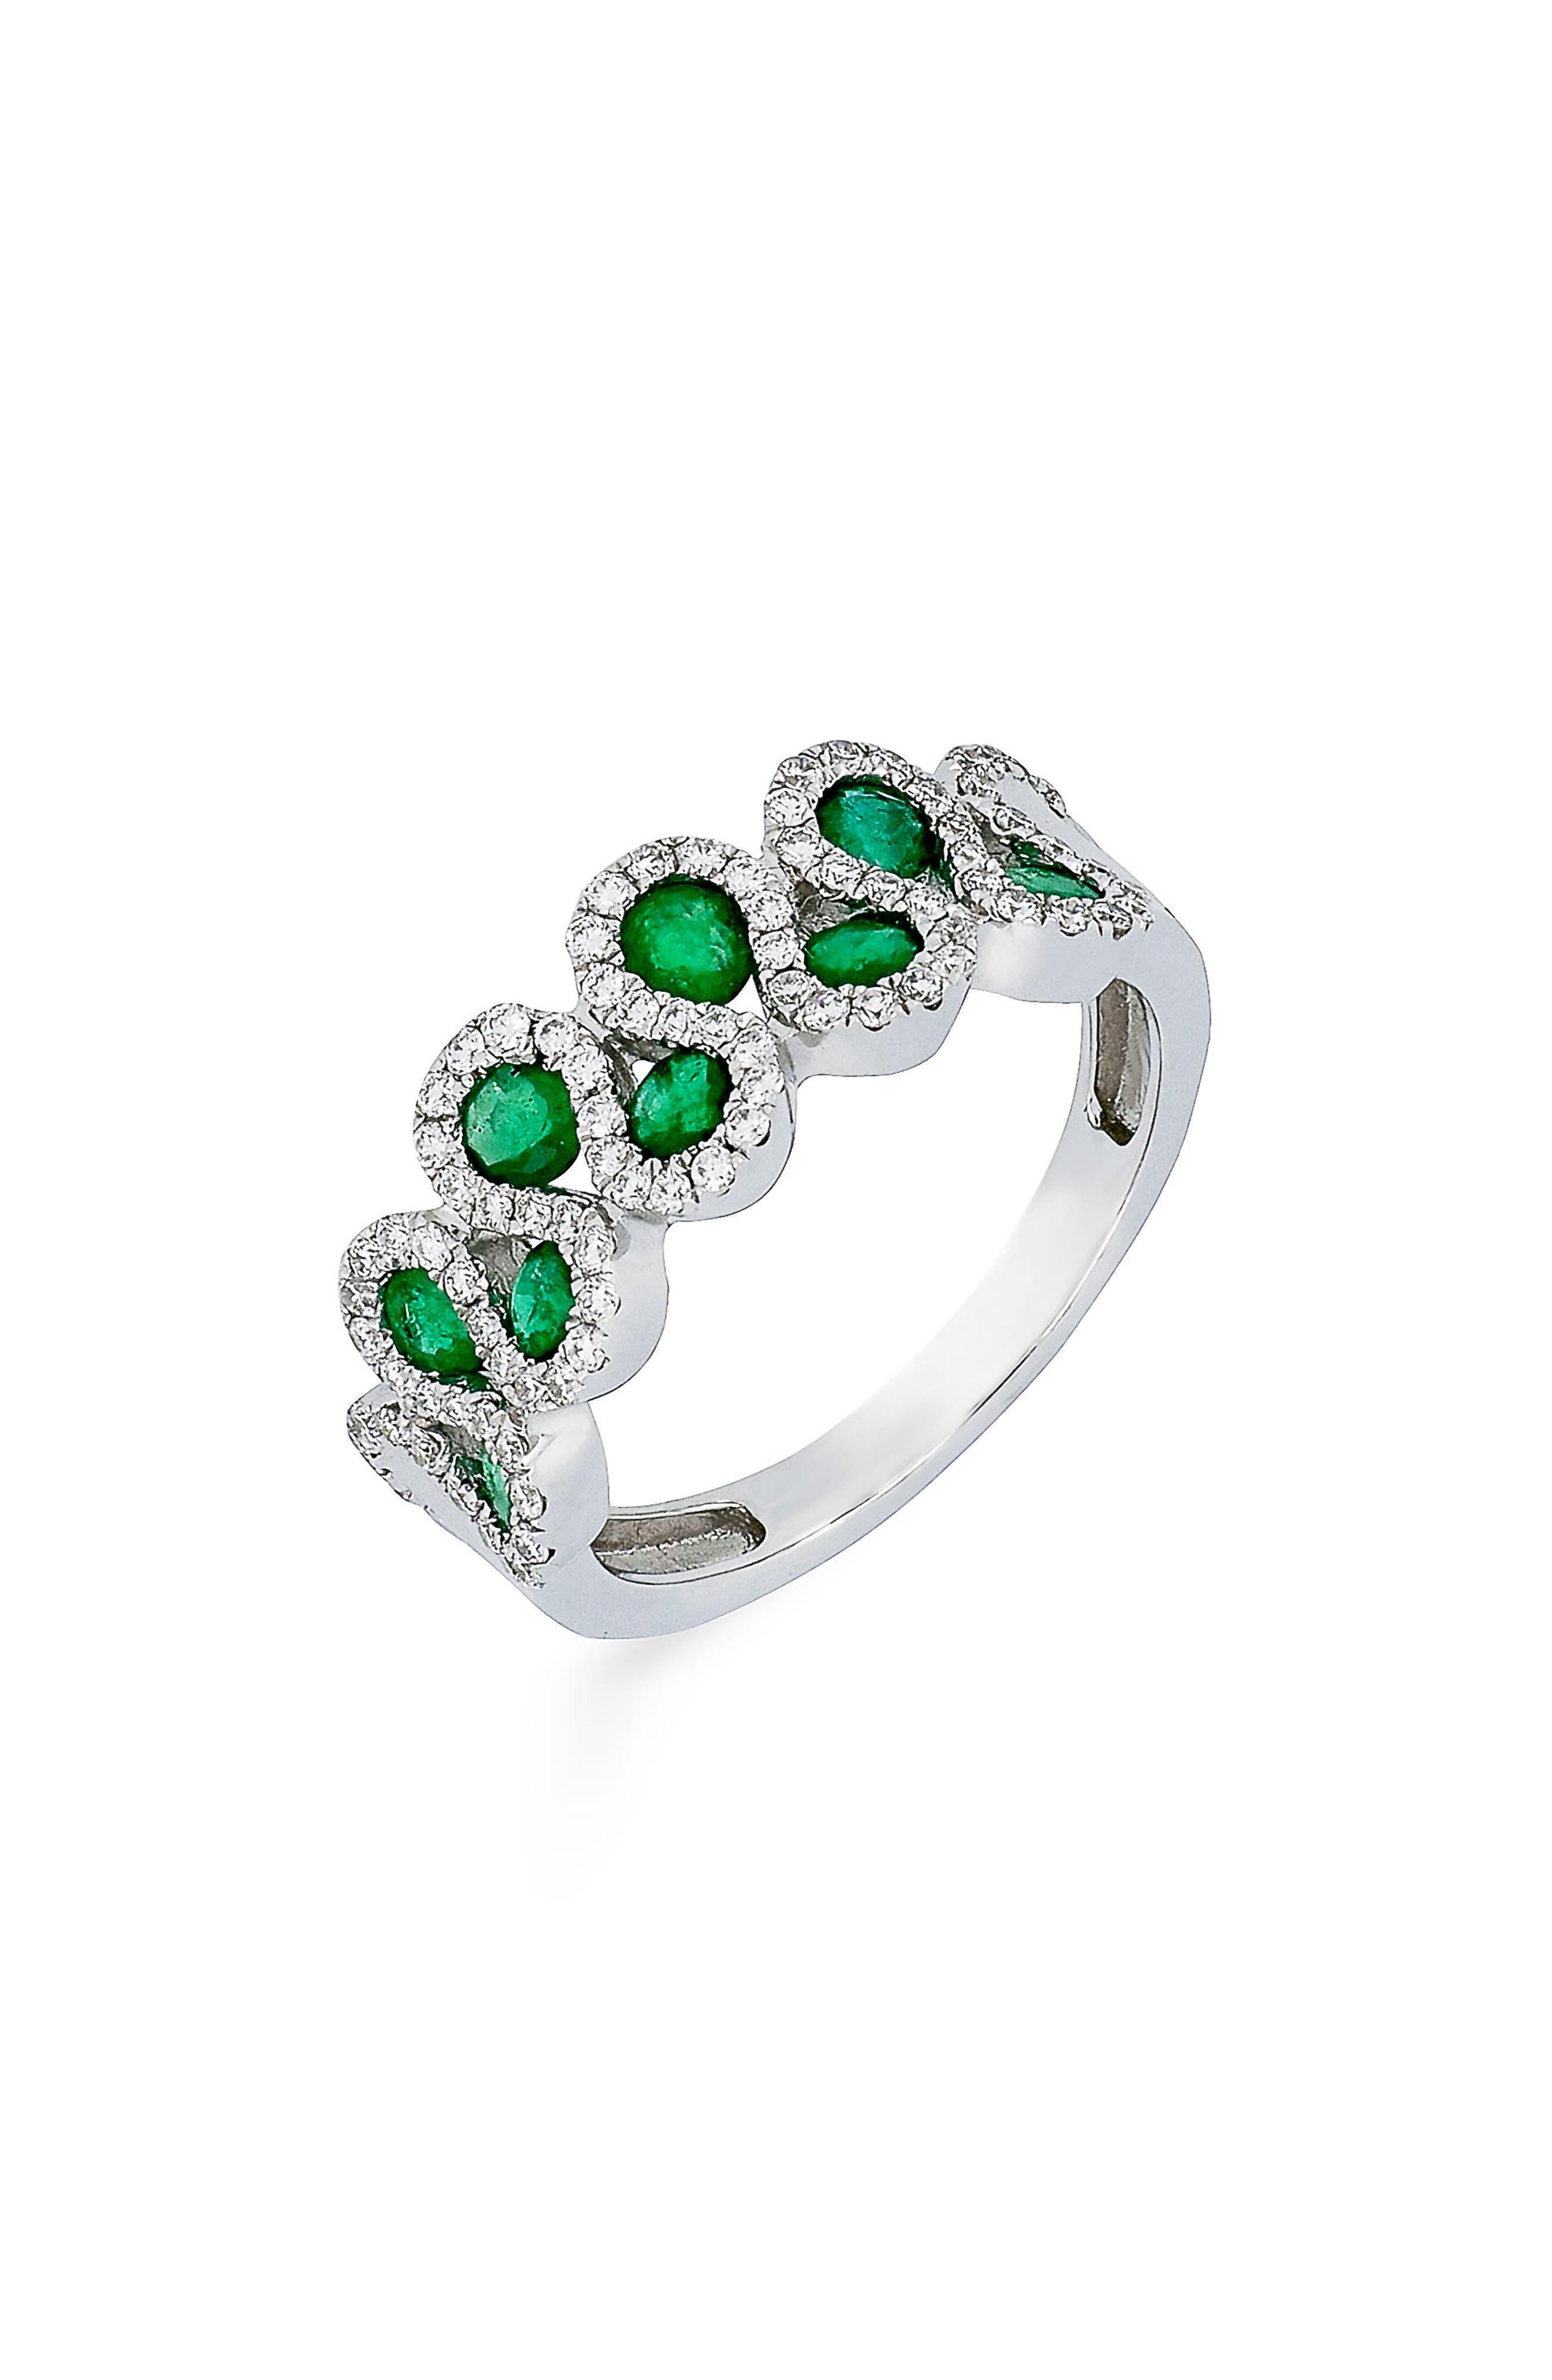 Diamond & Emerald Ring,                         Main,                         color, White Gold